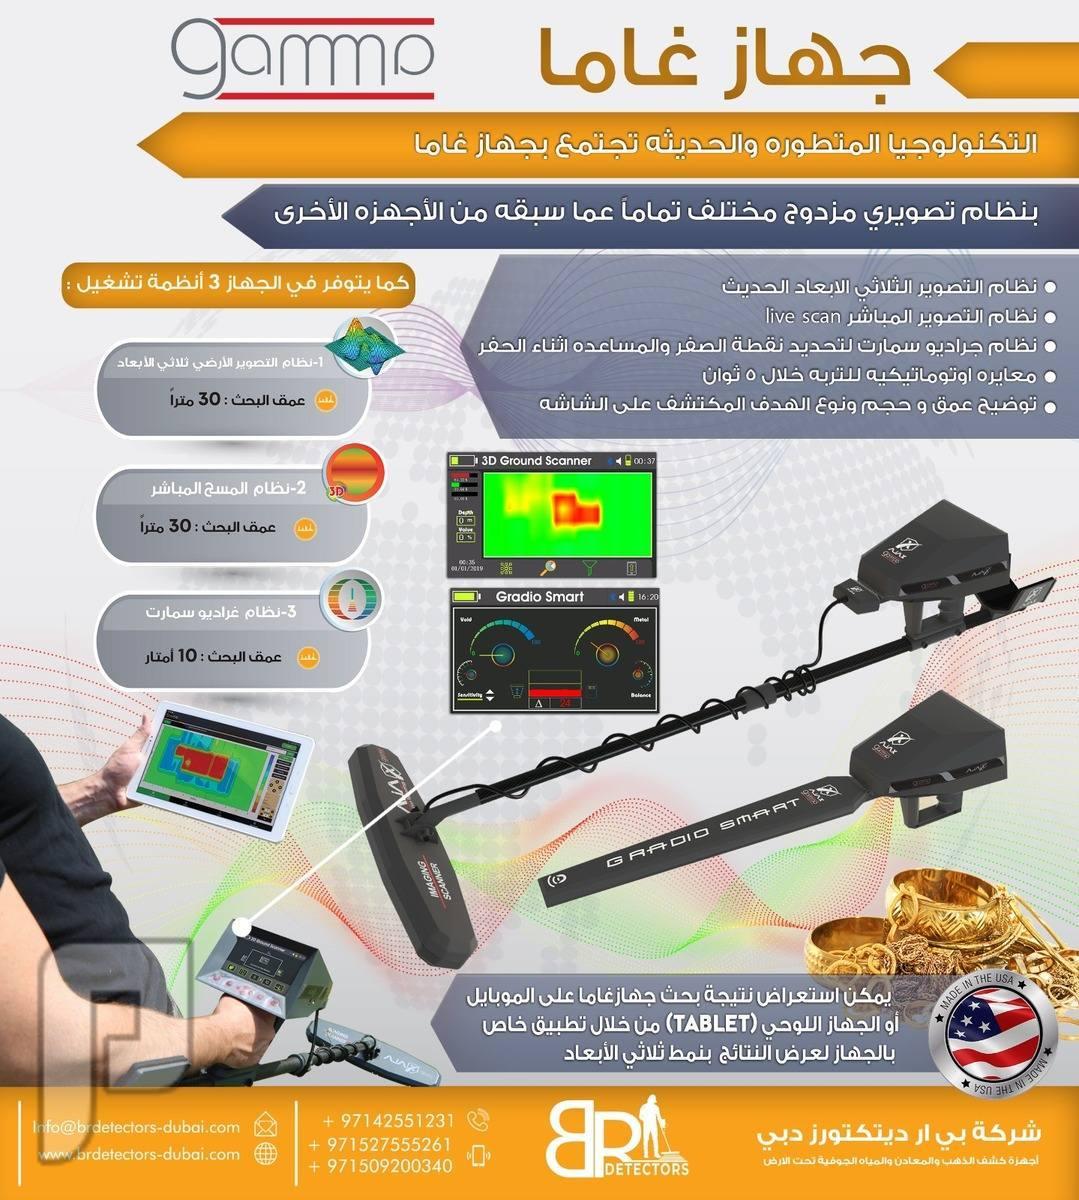 3D Gold Detector | Treasures detector Gamma Ajax 3D Gold Detector | Treasures detector - Gamma Ajax